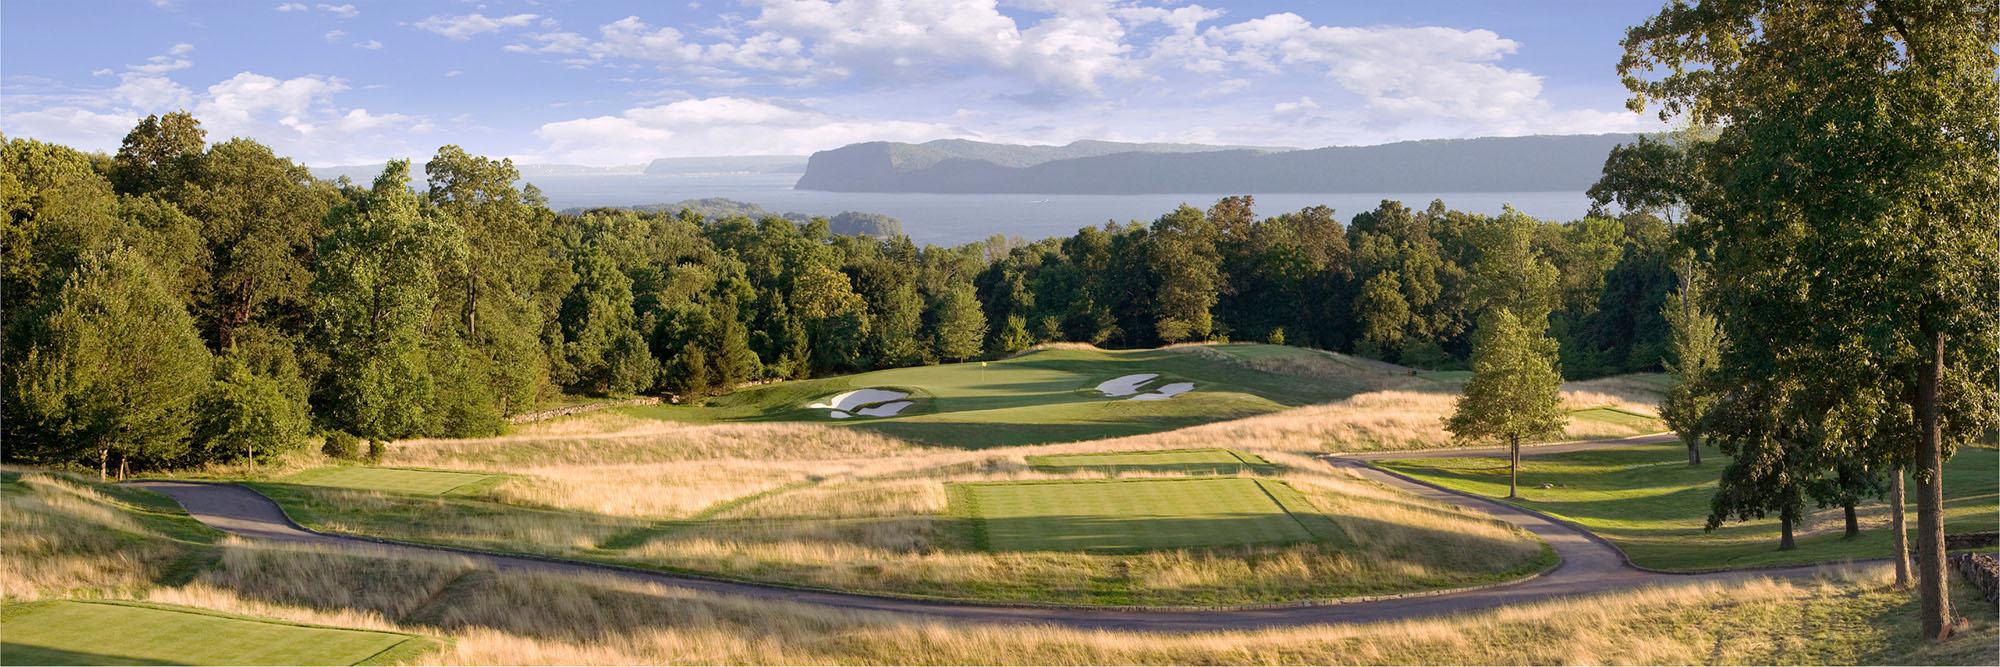 Golf Course Image - Hudson National Golf Club No. 16